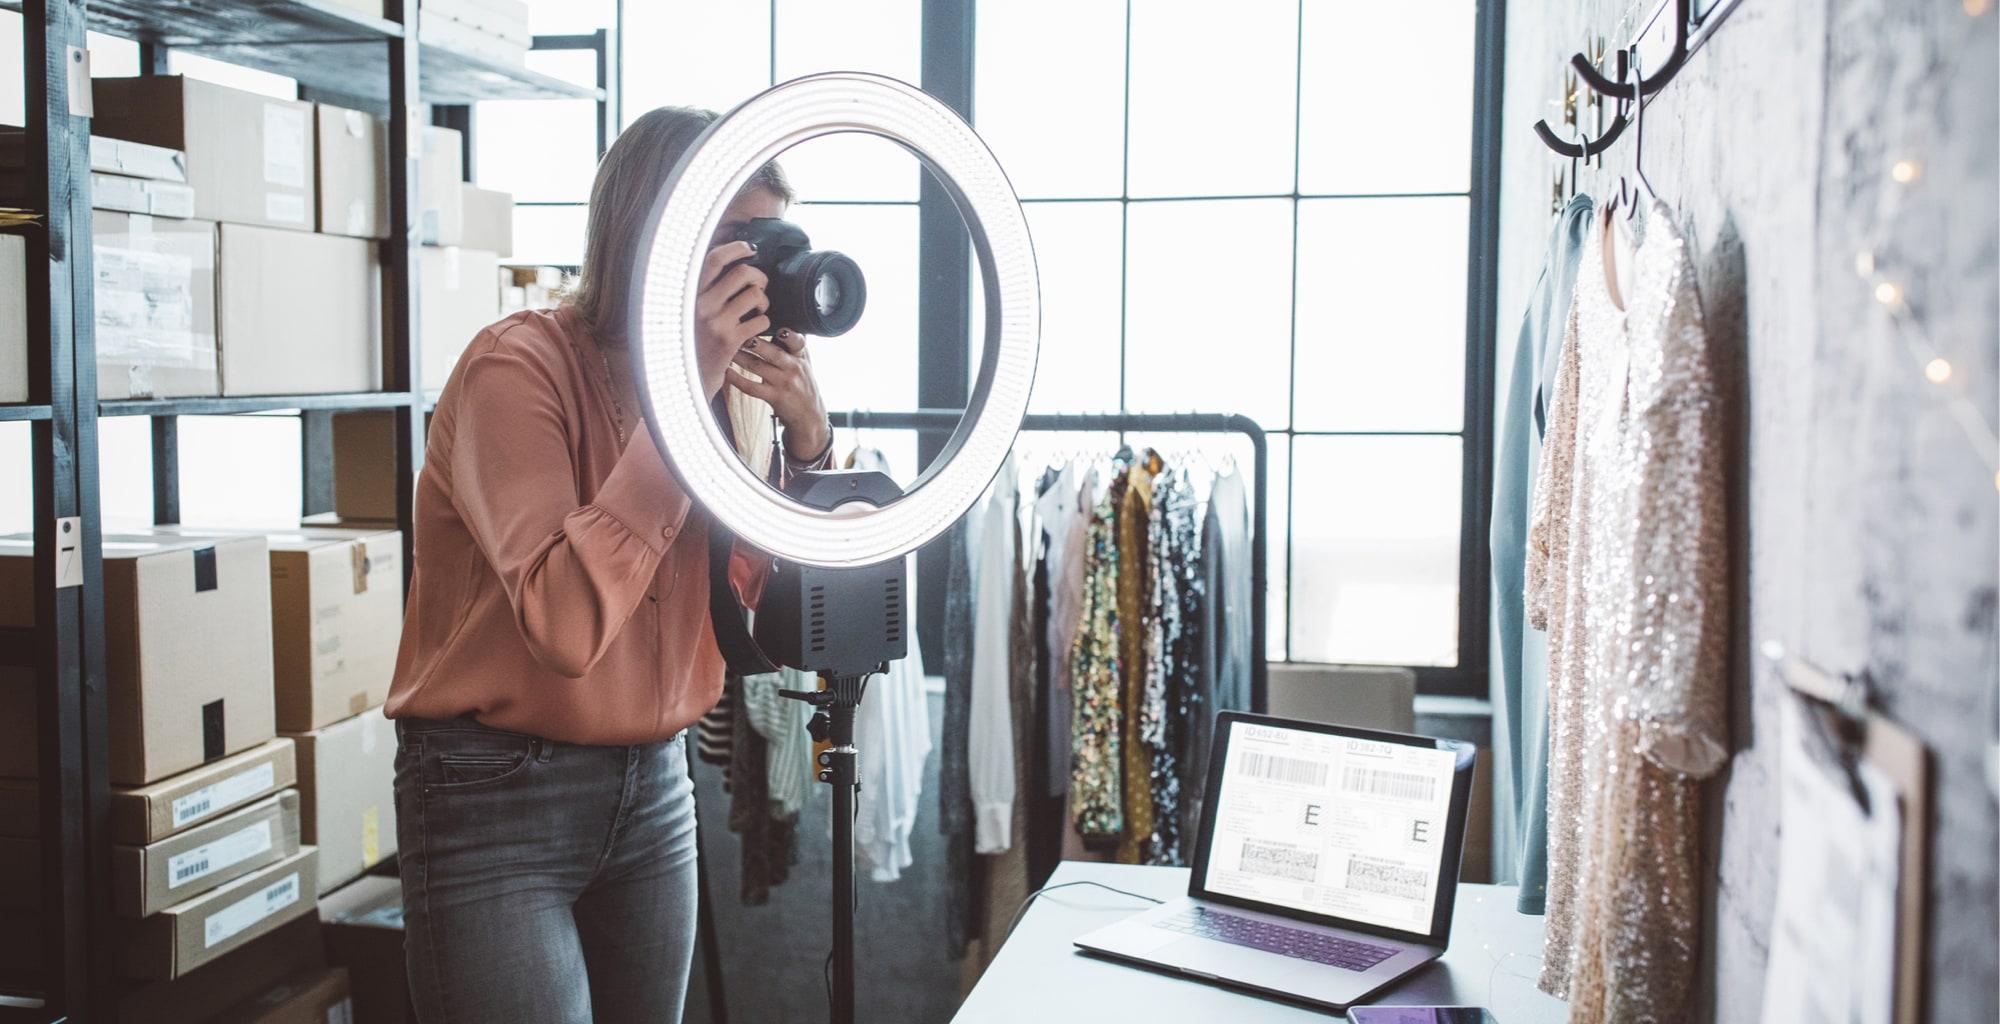 vender en amazon importancia imagen producto